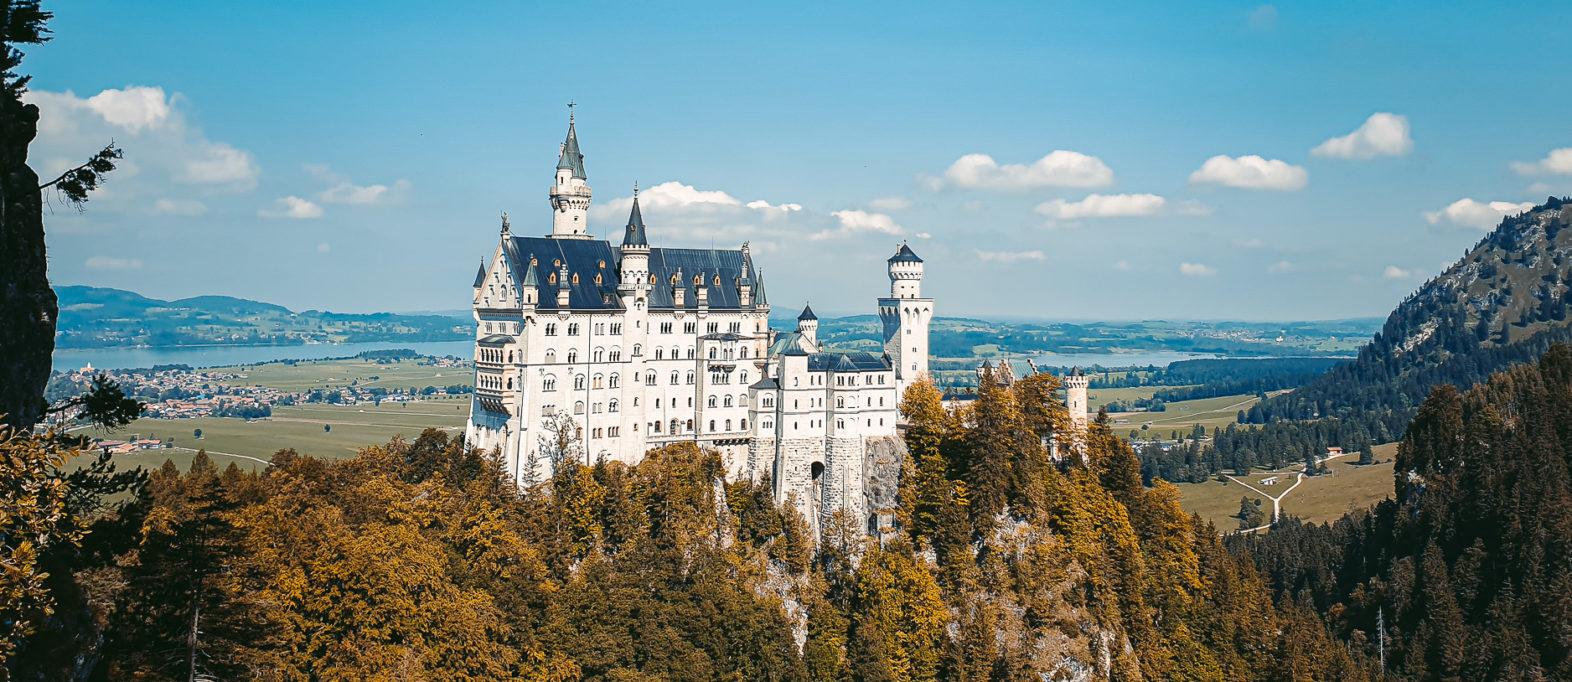 Schloss Neuschwanstein Aussichtspunkt Marienbrücke